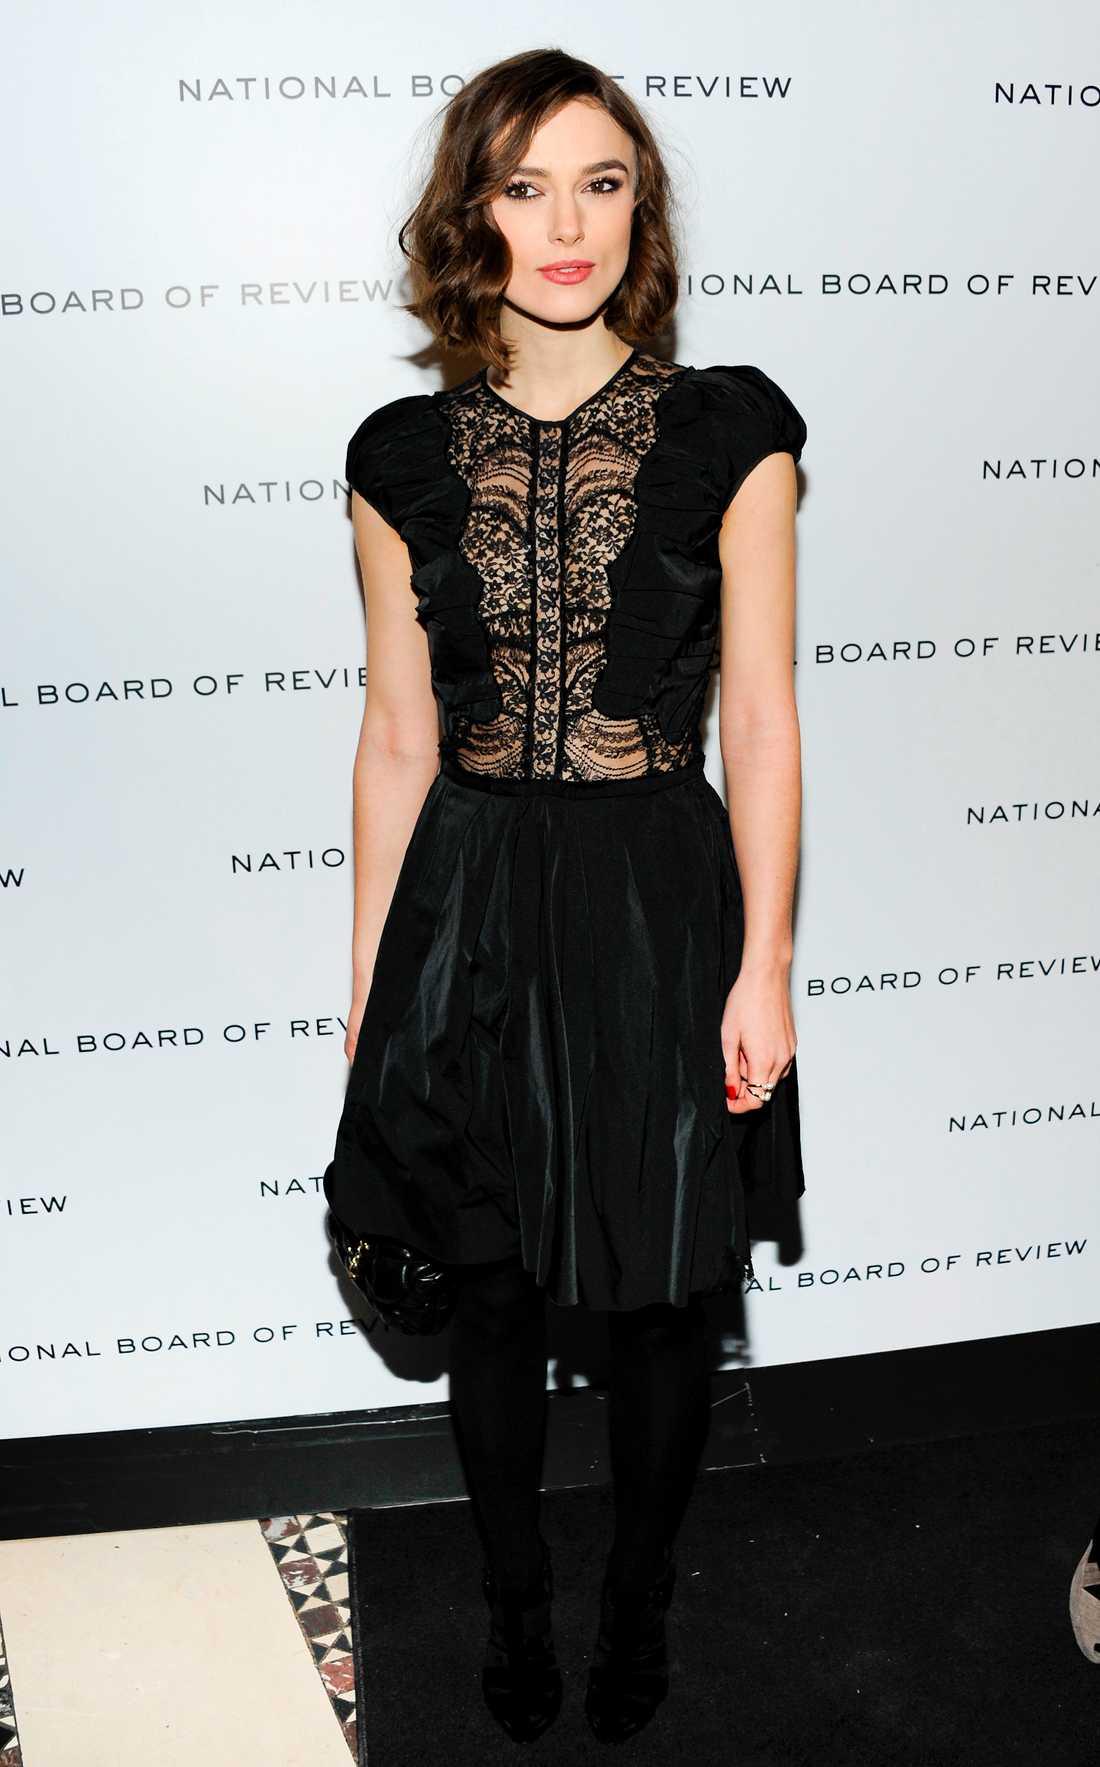 Keira Knightley valde också den lilla svarta till galan. Nina Ricci har designat klänningen med spets framtill. Den svarta handväskan är Chanel.